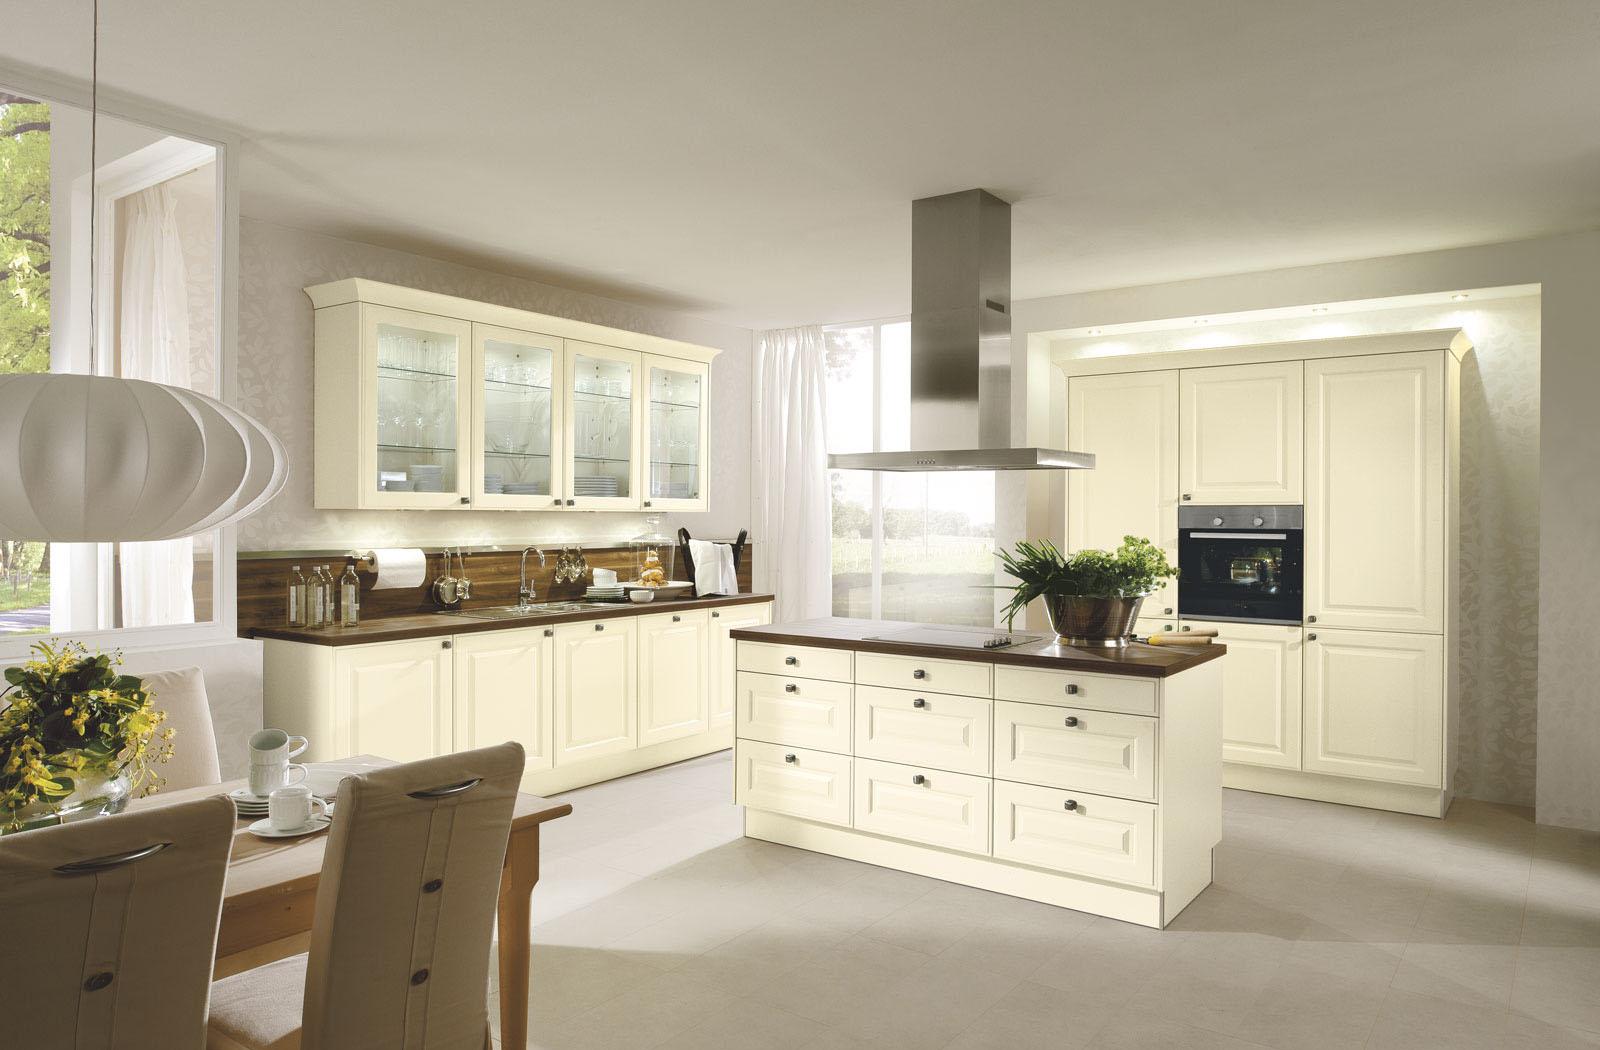 Meble kuchenne Breda - oferta SAS Wnętrza i Kuchnie - Meble Kuchenne i Projektowanie wnętrz.